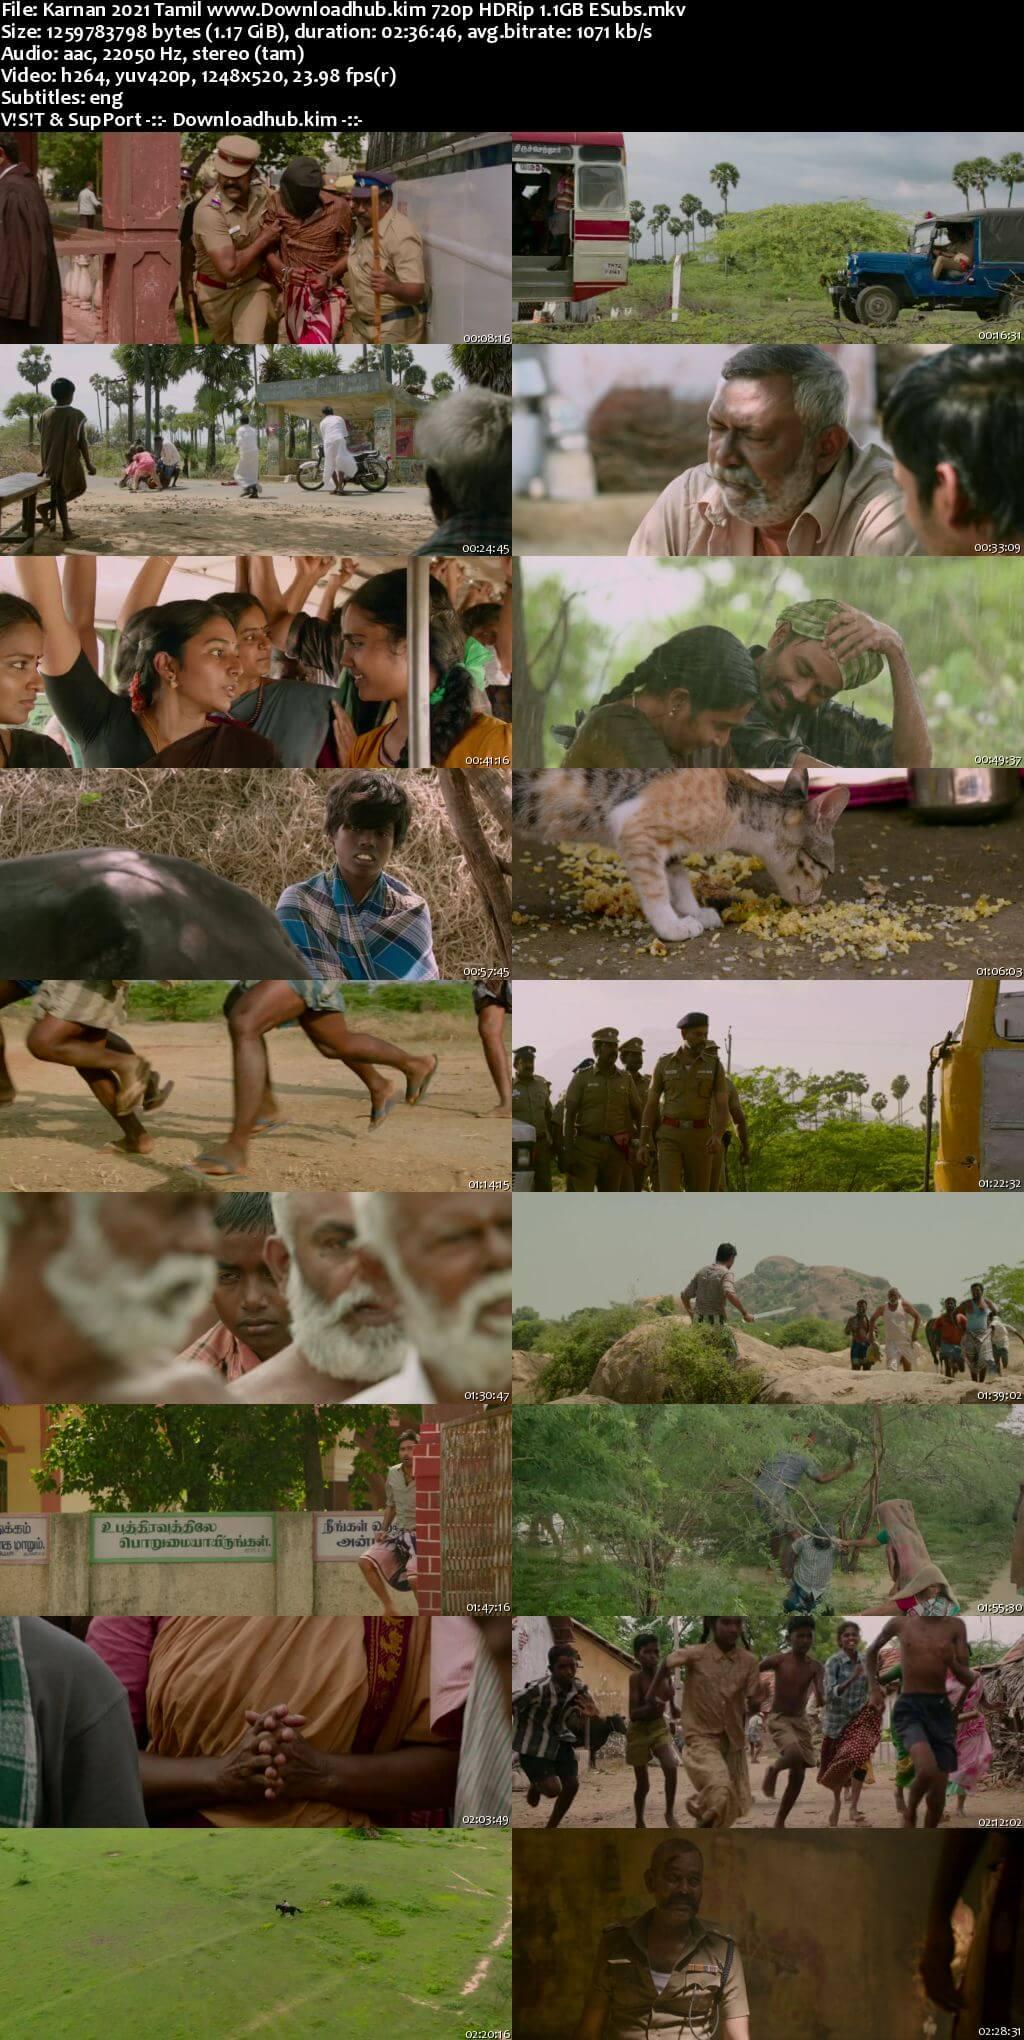 Karnan 2021 Tamil 720p HDRip ESubs